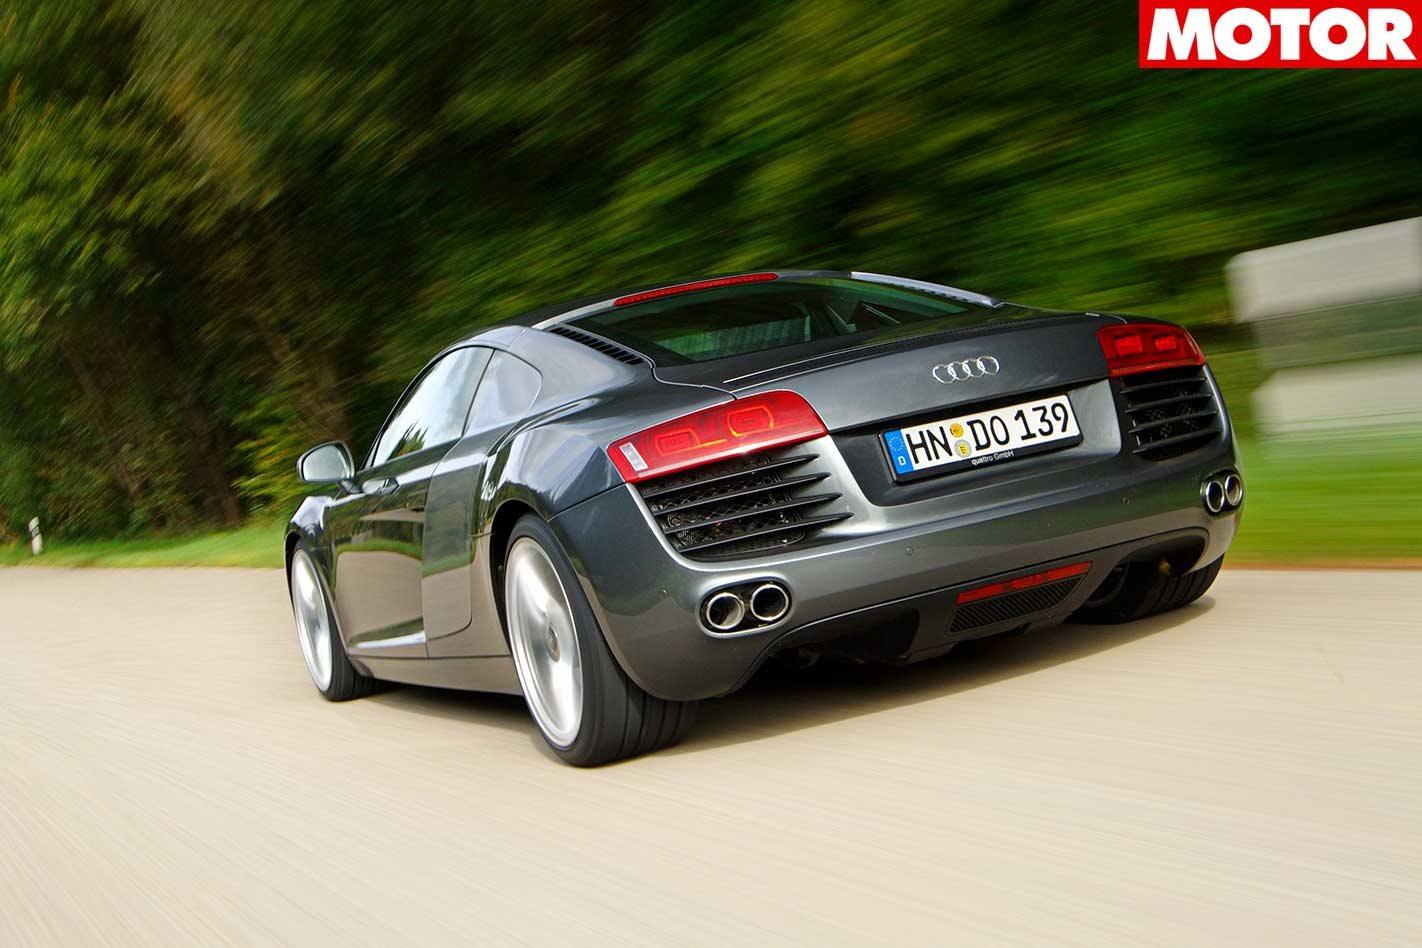 Audi R V Review Classic MOTOR - Audi r8 v8